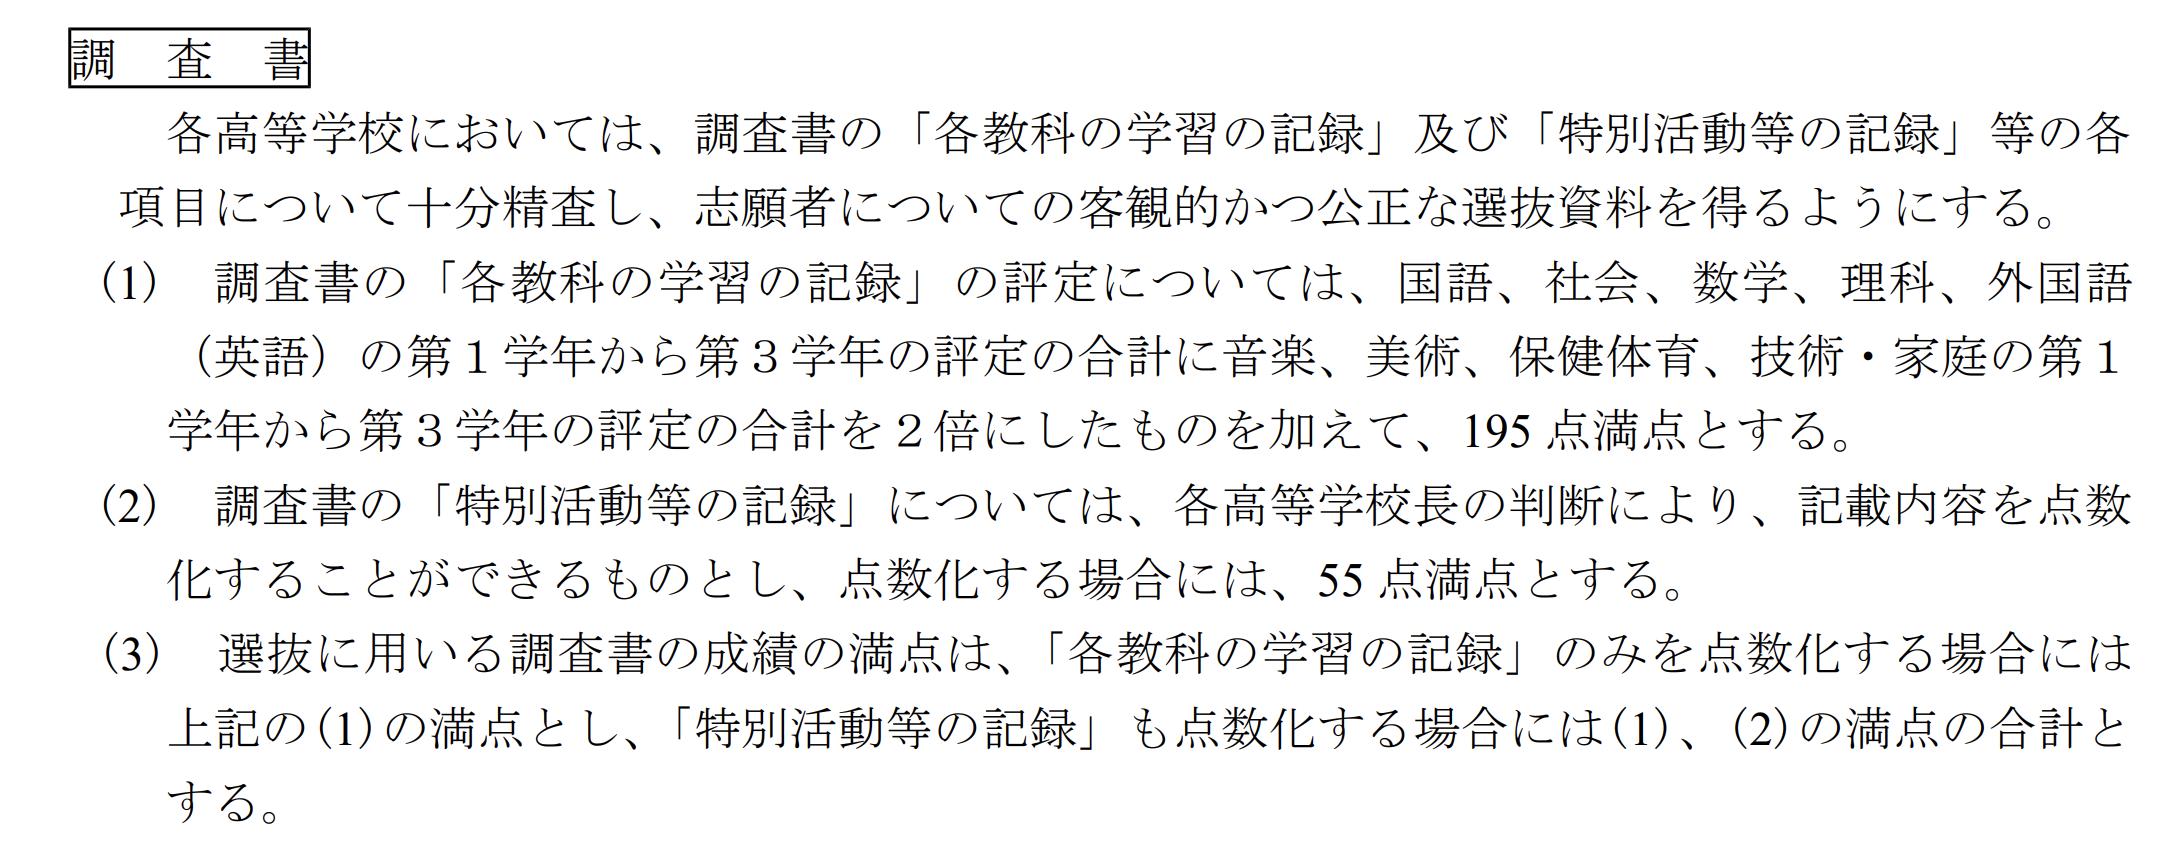 福島県公立高校入試制度2